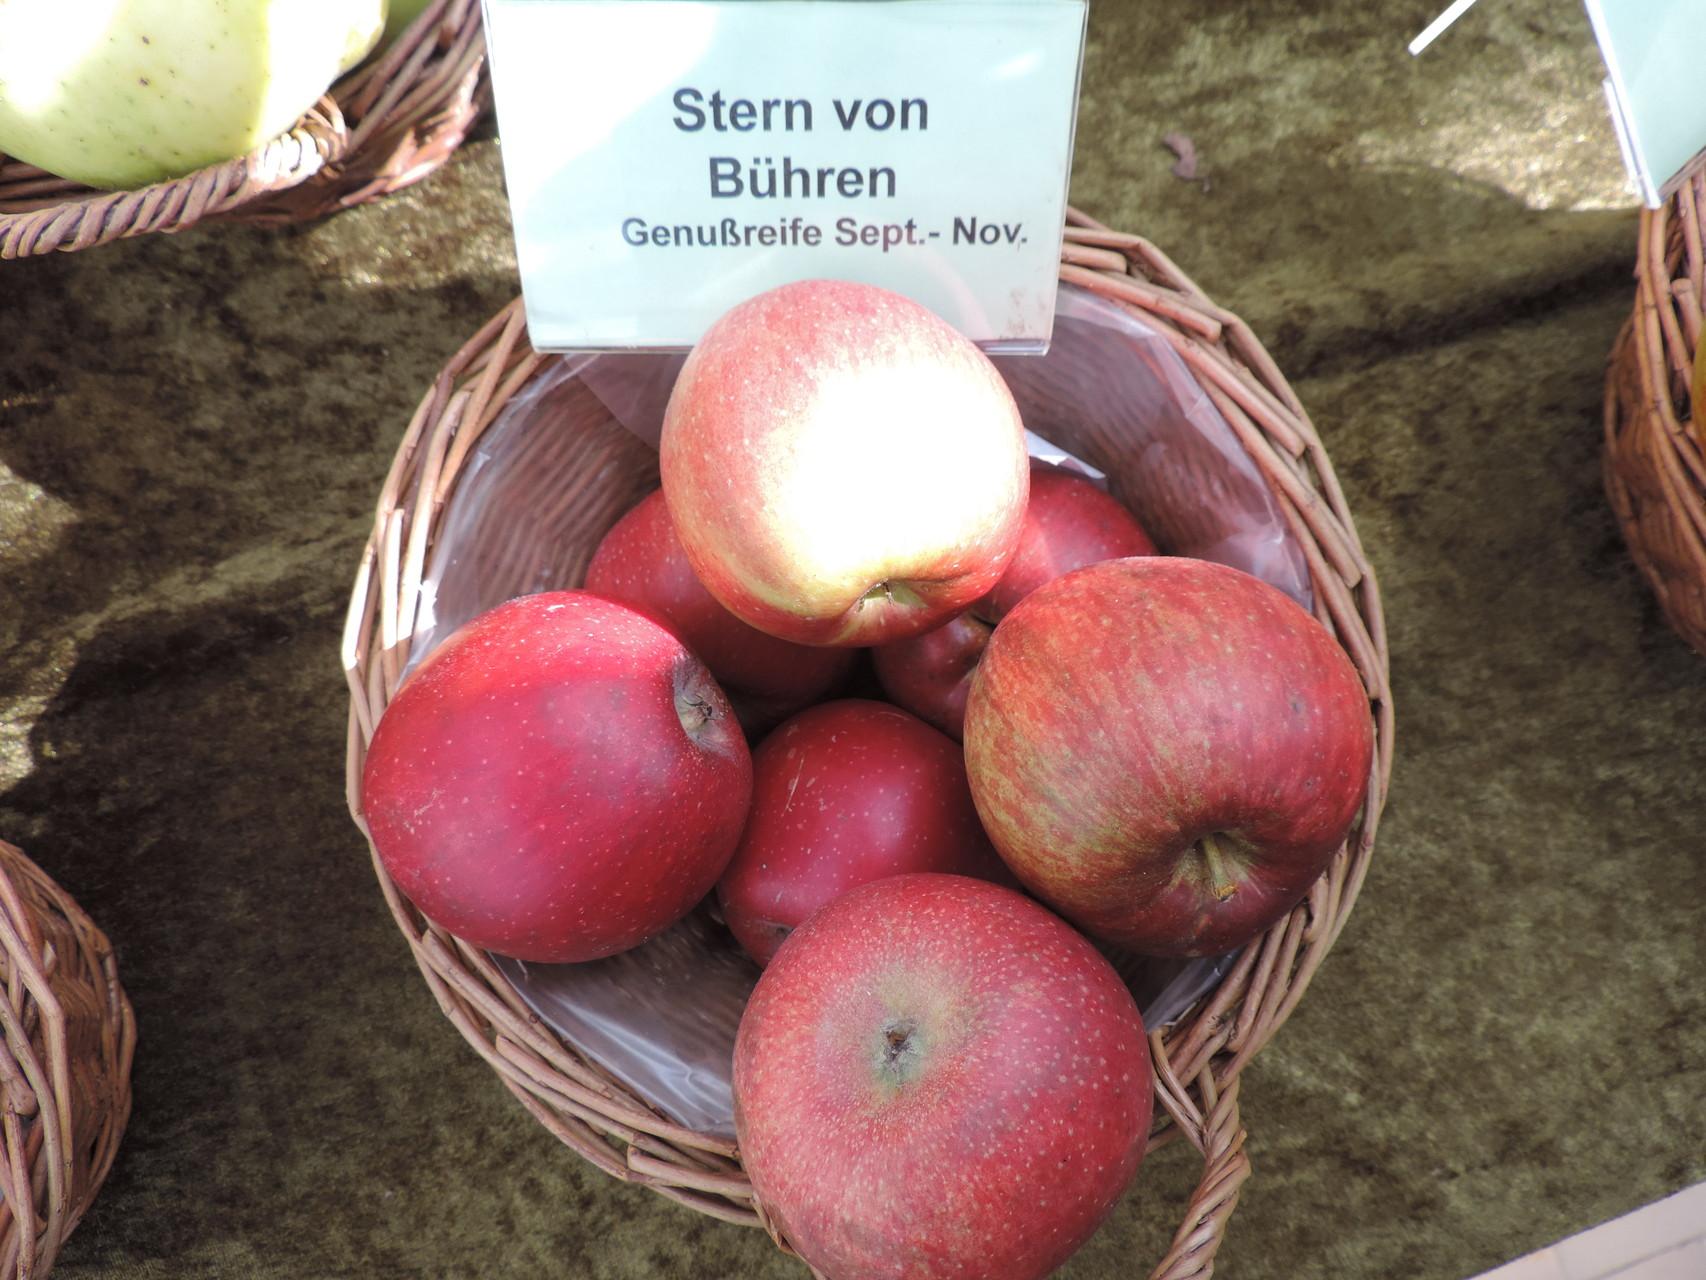 Apfel Stern  von Bühren